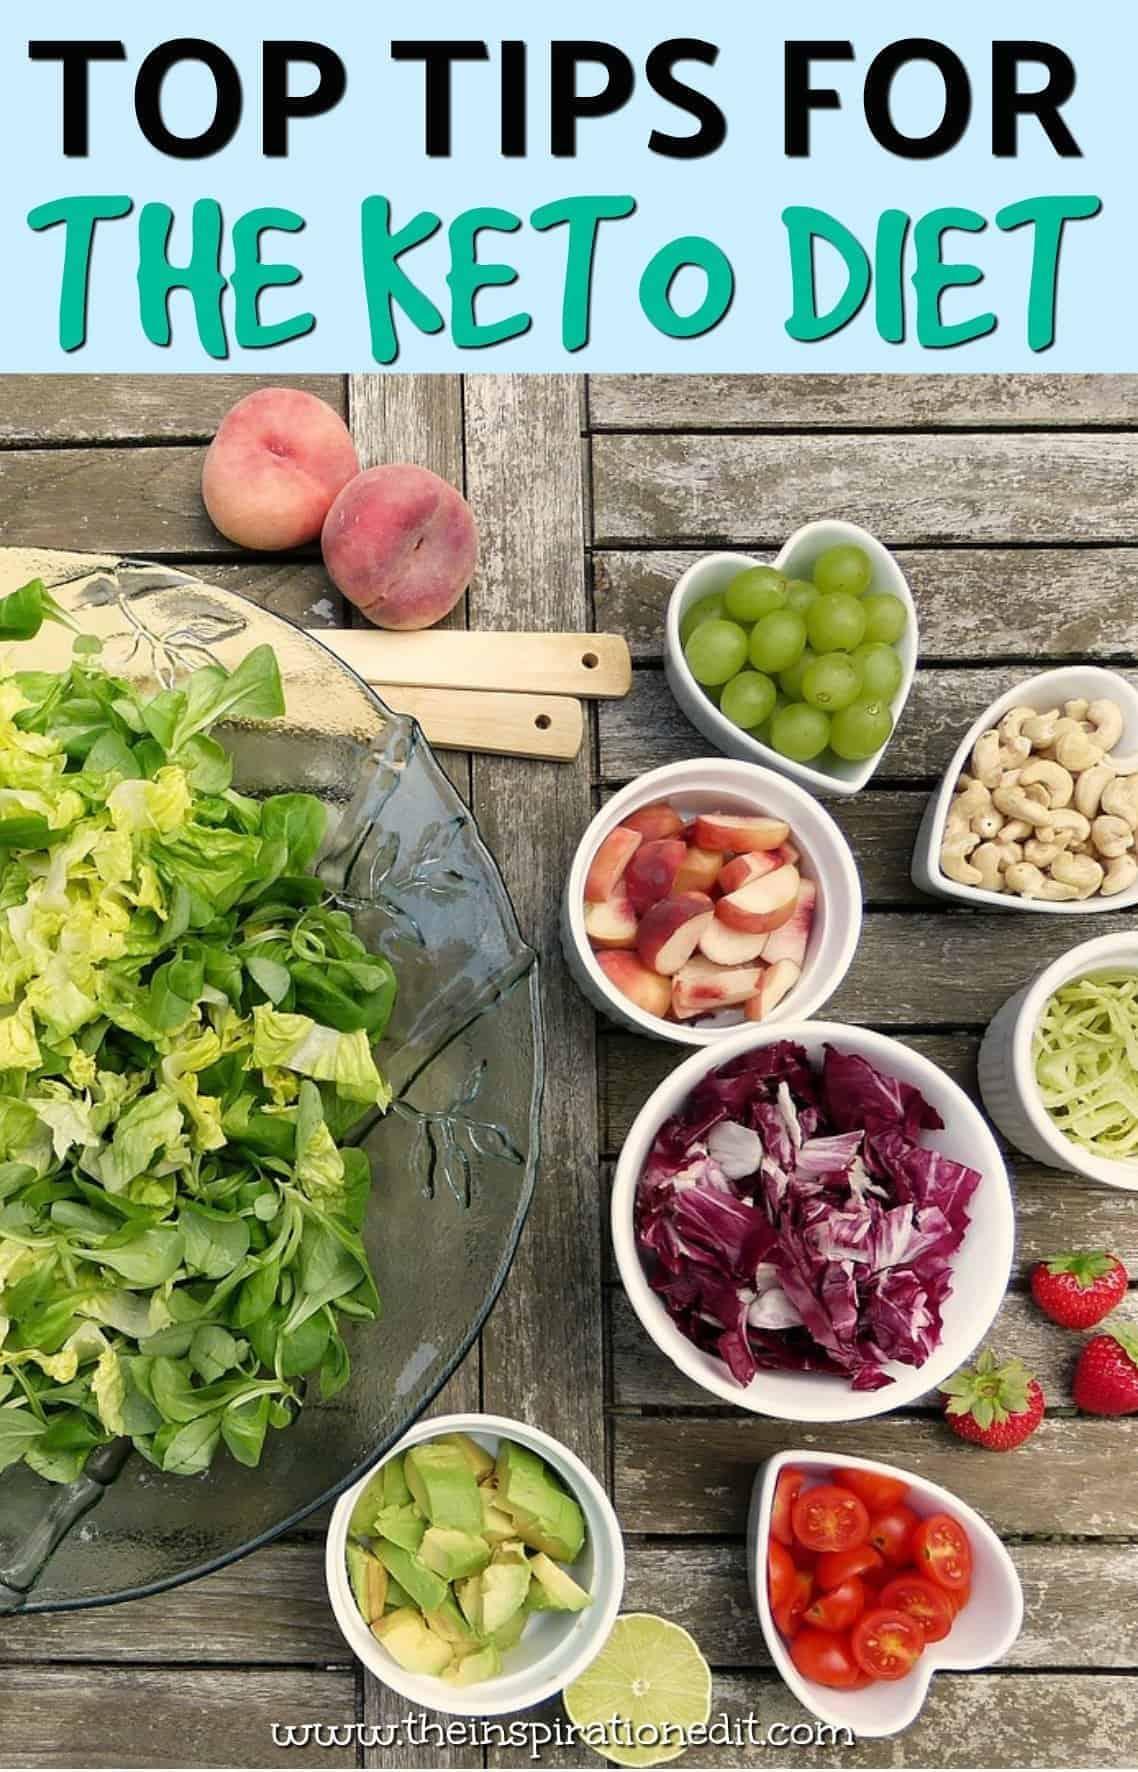 TIPS FOR KETO DIET